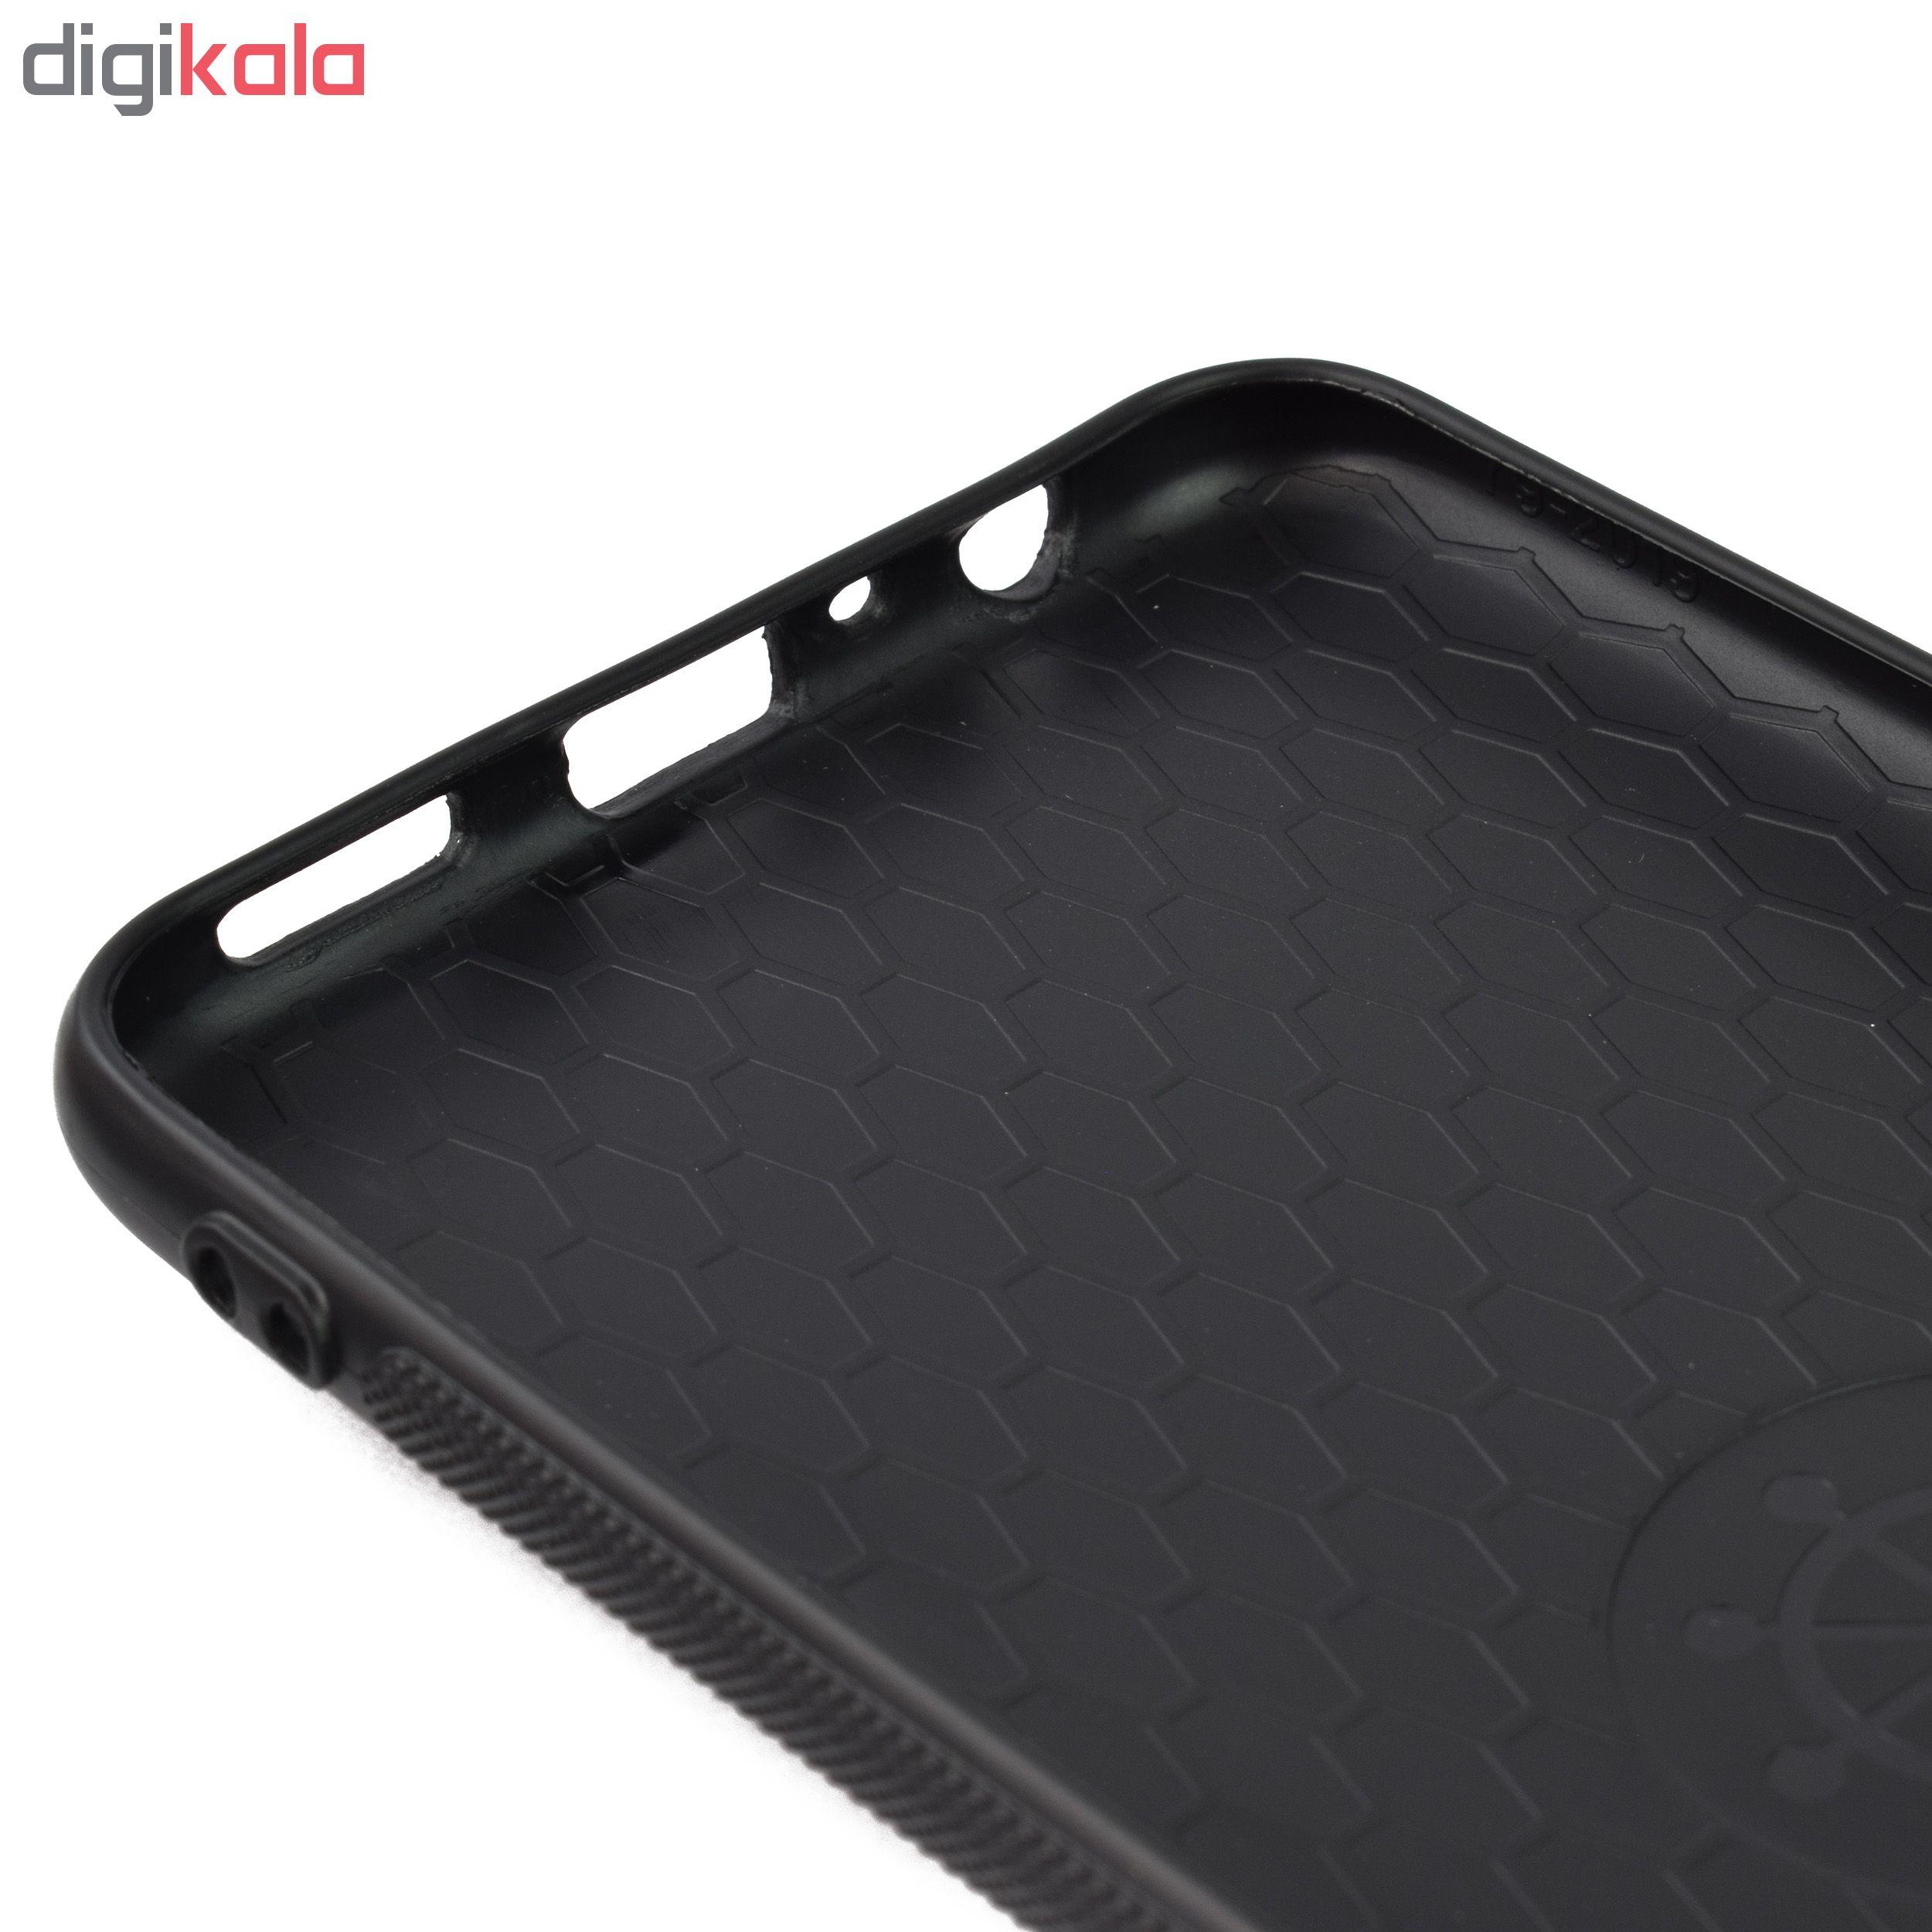 کاور مدل LT10 مناسب برای گوشی موبایل هوآوی Y9 2019 main 1 8